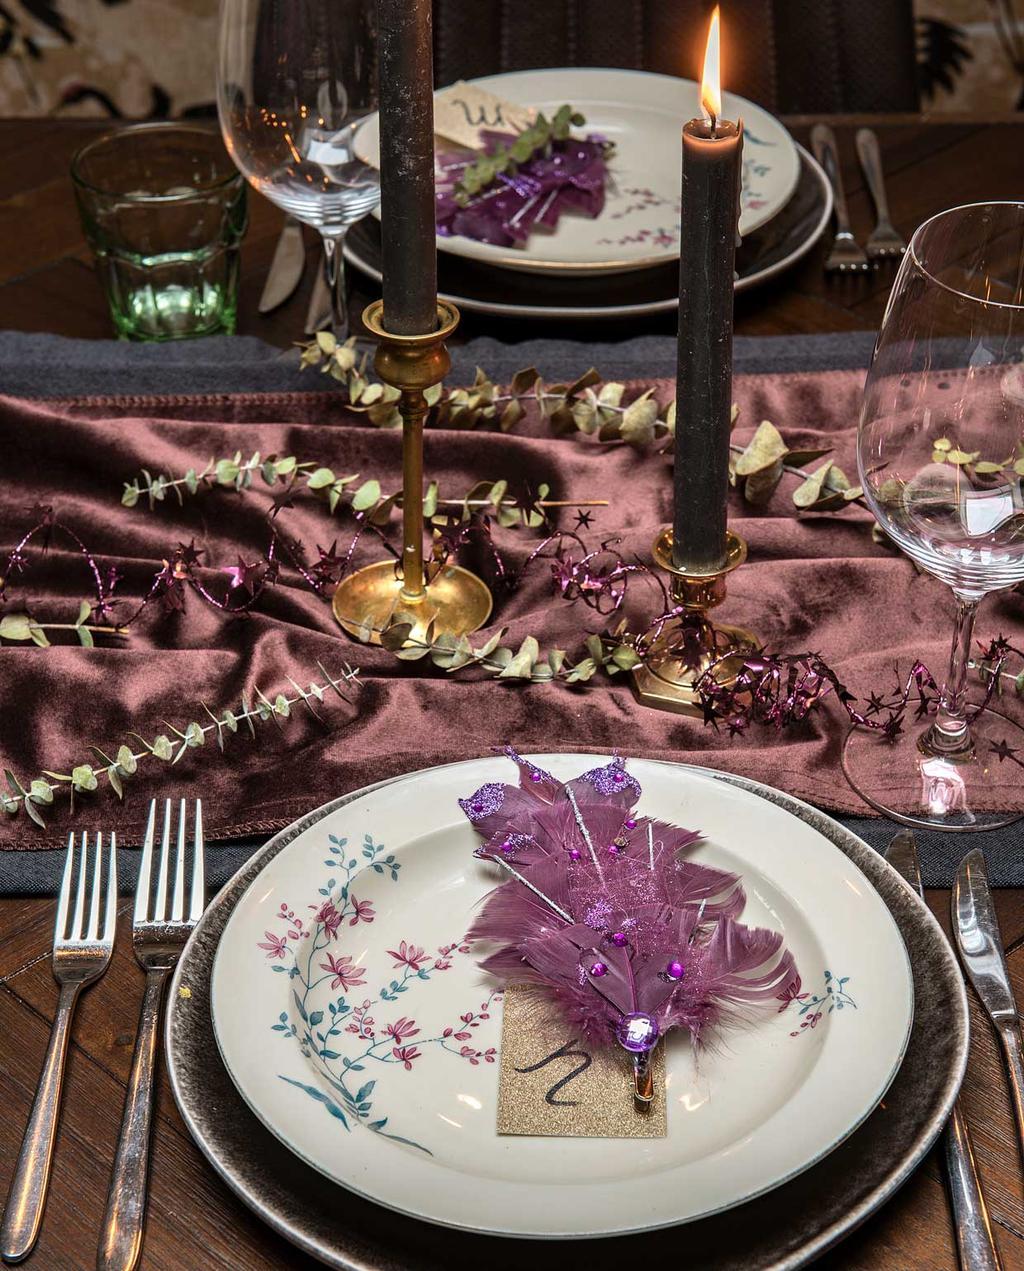 vtwonen 2020-12   Binnenkijken kersthuis   gedekte tafel met de kleur paars